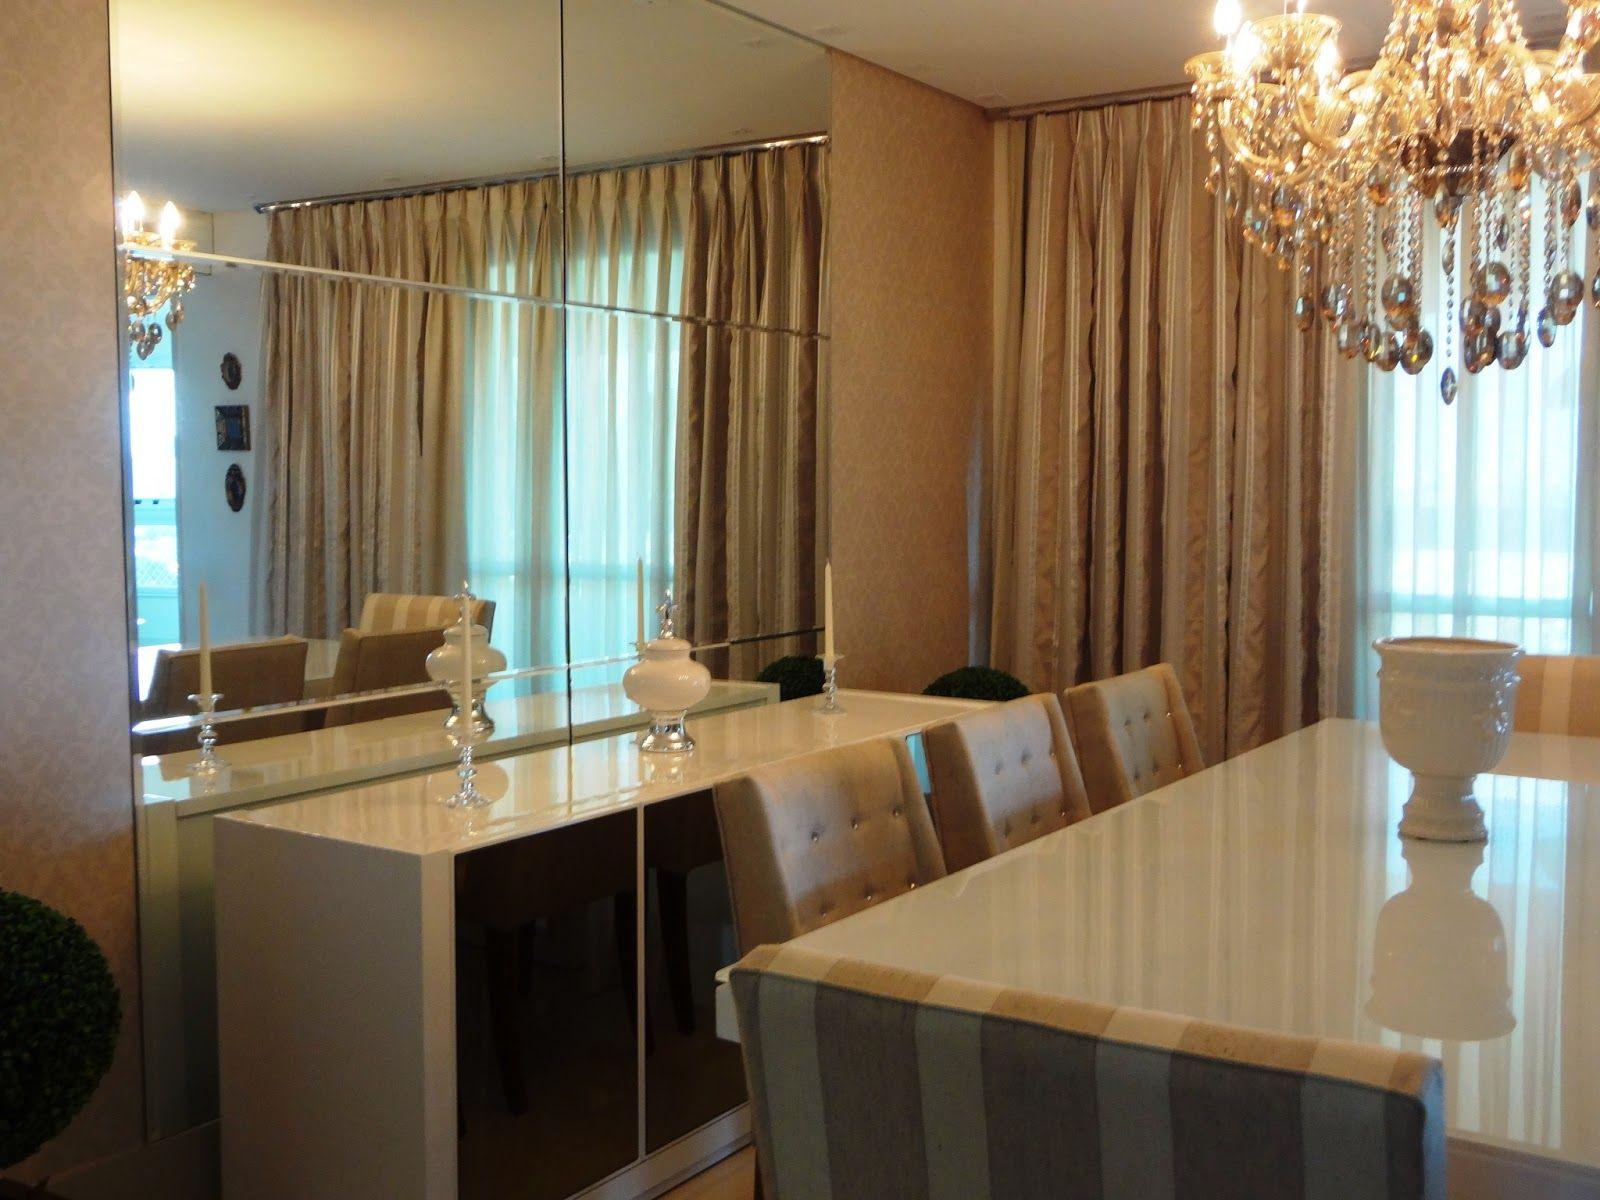 Sala De Jantar Com Espelho ~  Sala De Jantar Apartamento, Sala De Jantar Com Espelho, Buffet Sala